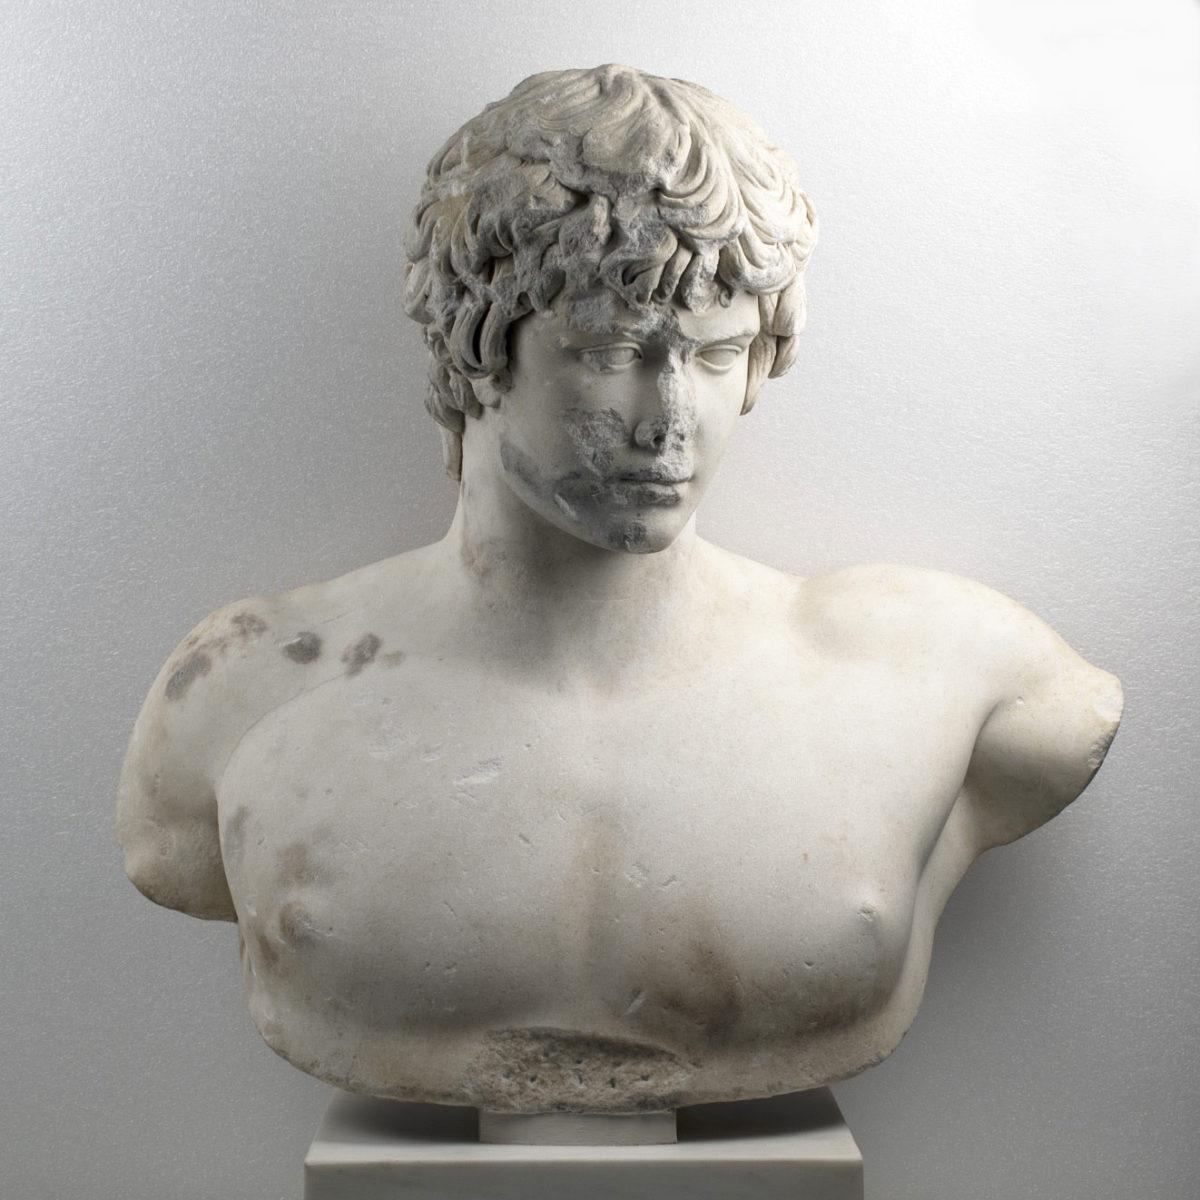 Γυμνή προτομή με κεφαλή του Αντίνοου. Βρέθηκε στην Πάτρα το 1856. Χρονολογείται λίγο μετά το 130 μ.Χ. Αρ. ευρ. Γ 418. (Φωτογραφικό Αρχείο Εθνικού Αρχαιολογικού Μουσείου)